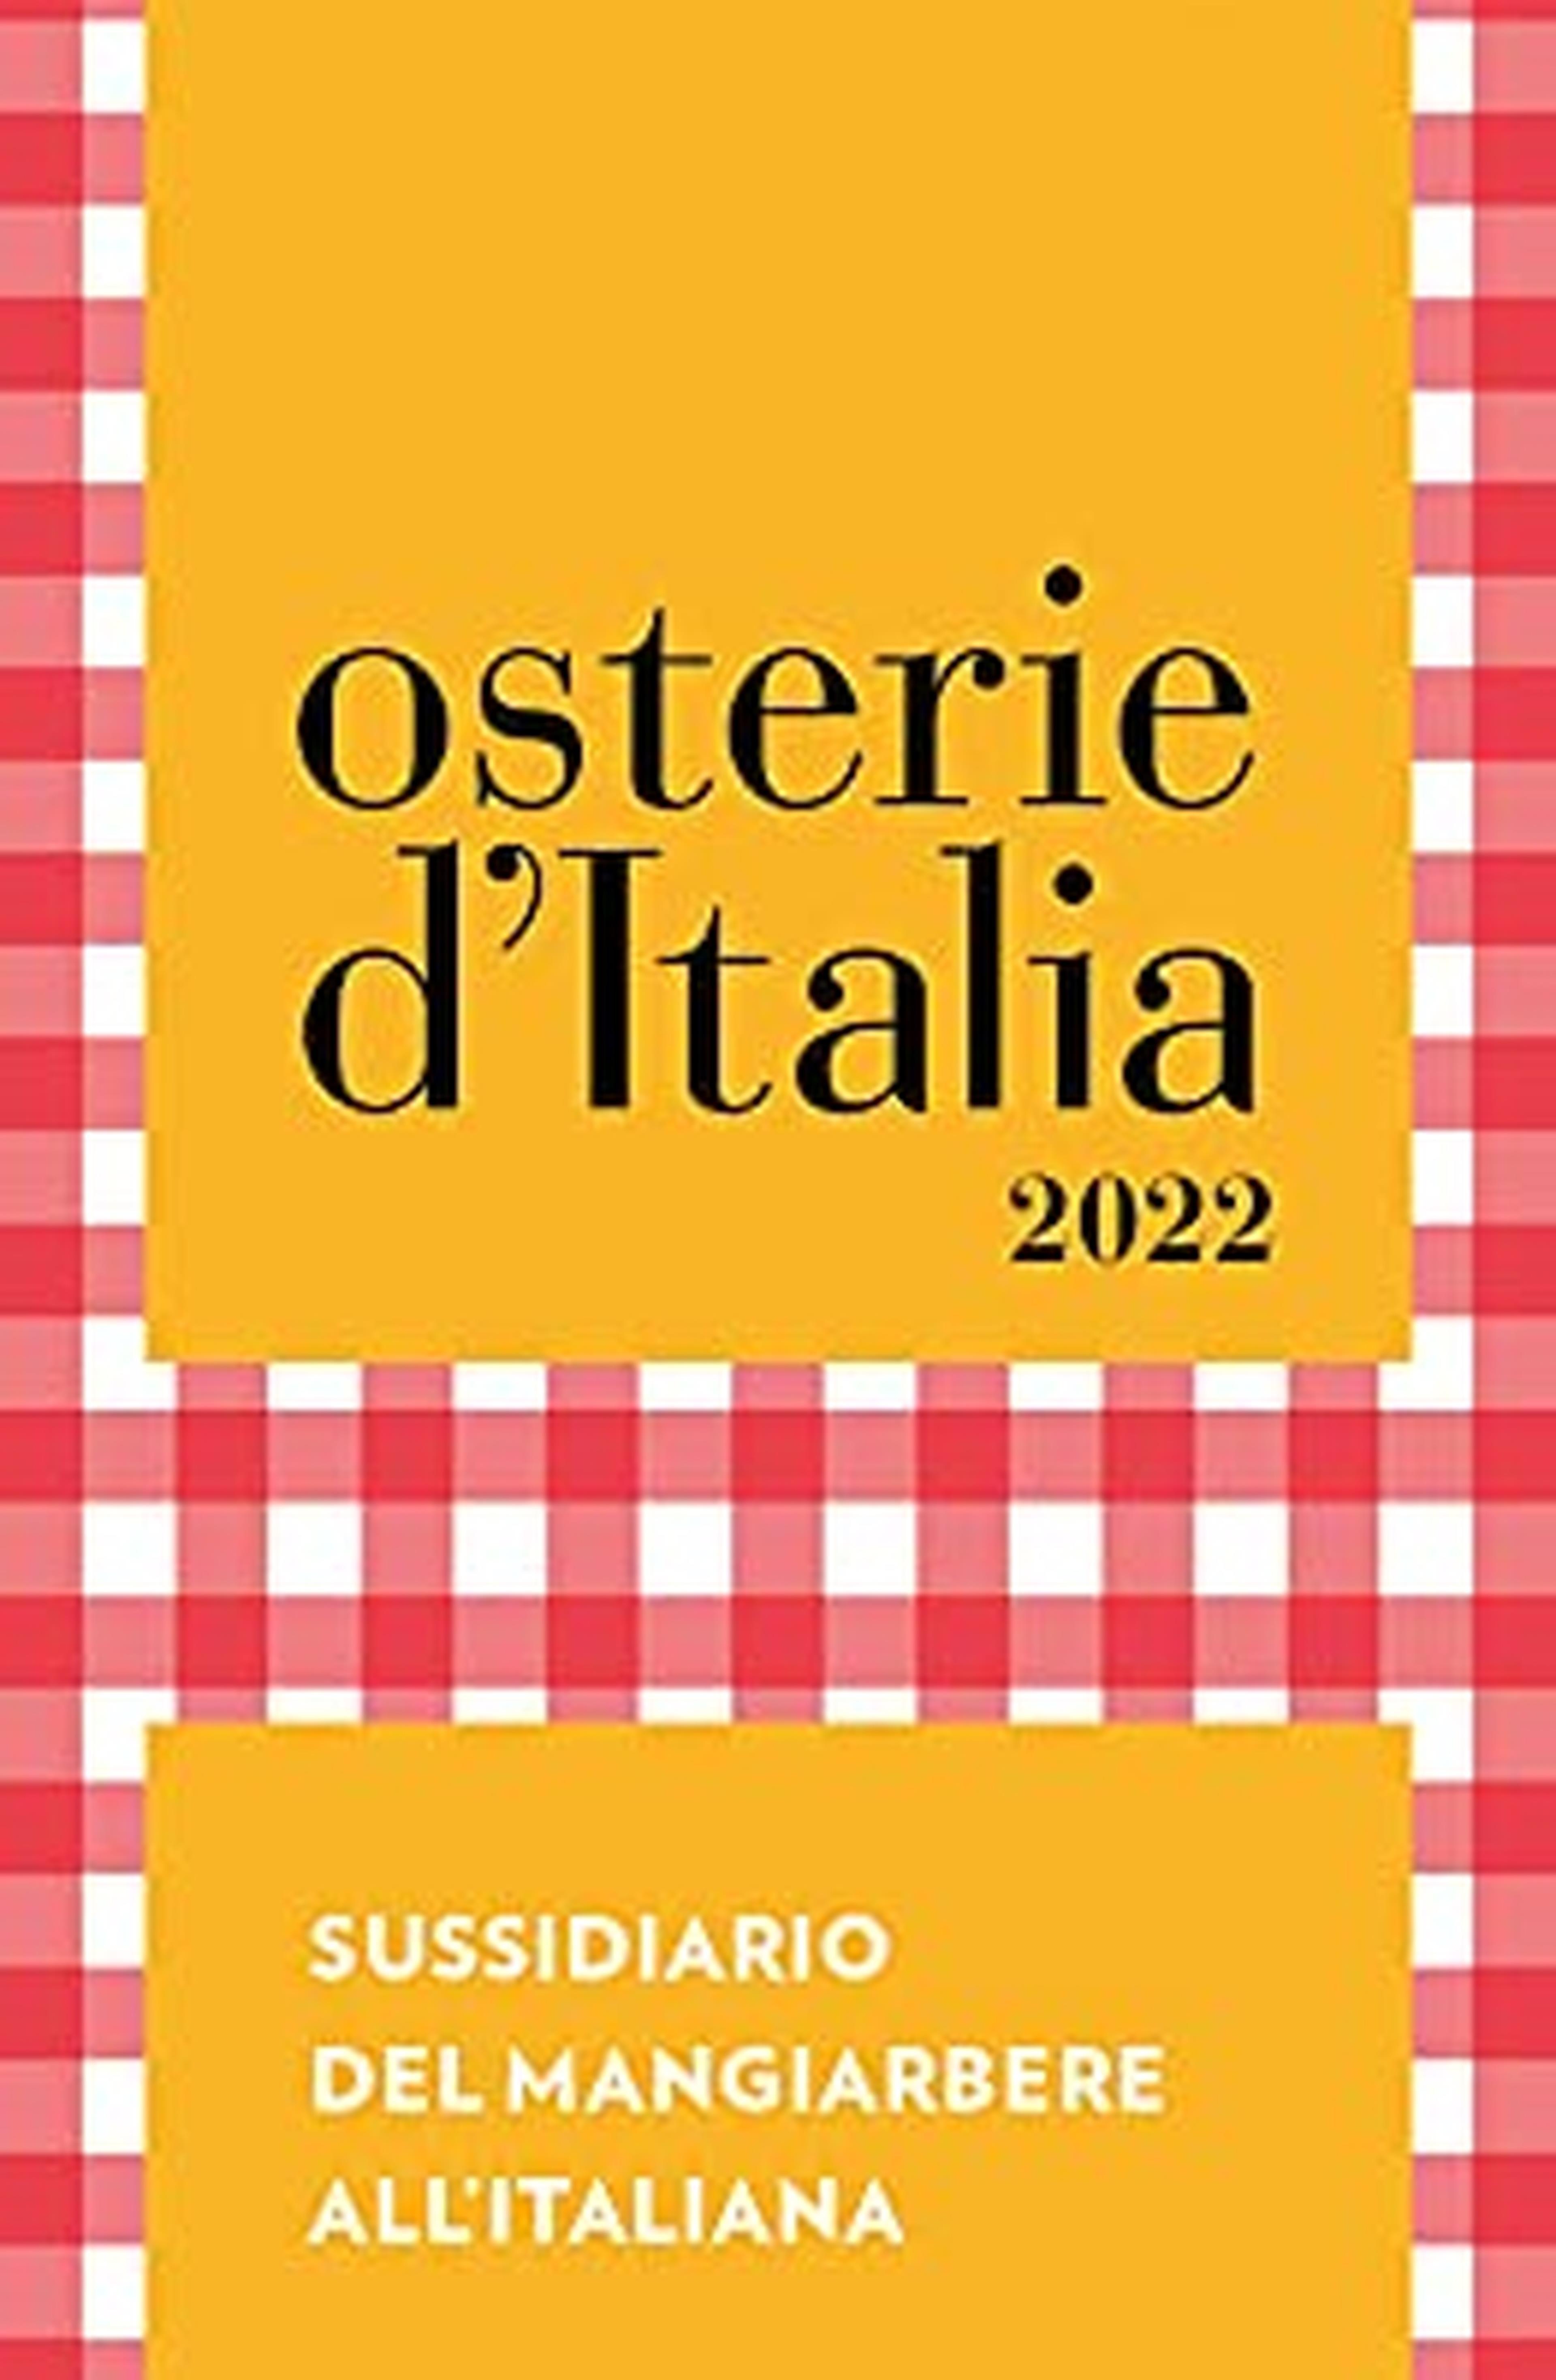 Osterie d'Italia 2022. Sussidiario del mangiarbere all'italiana